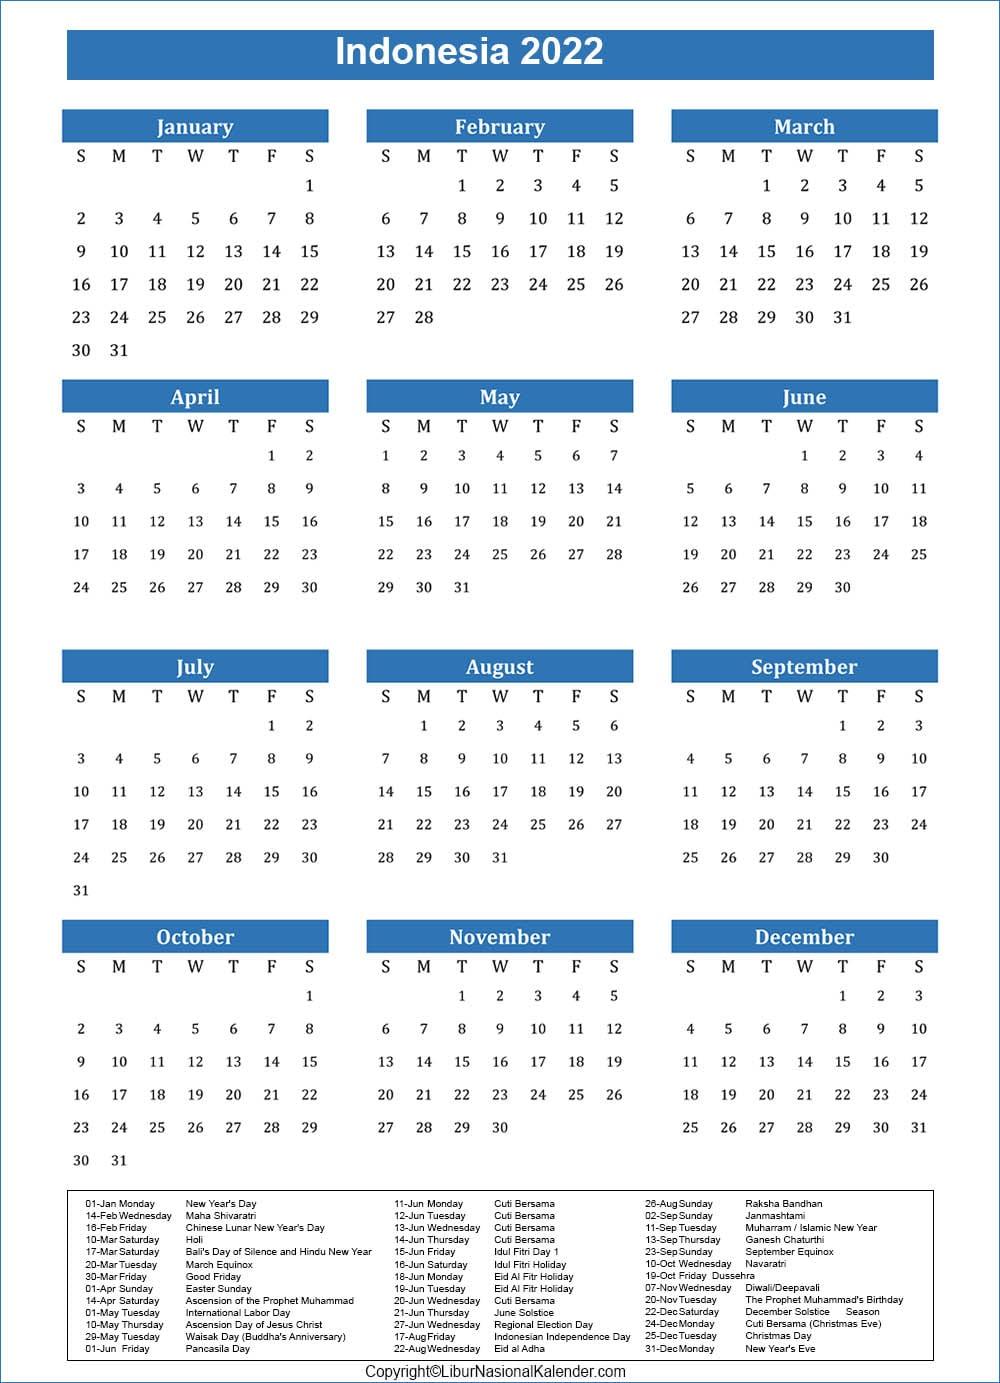 Religious Calendar 2022.Calendar 2022 Indonesia Public Holidays 2022